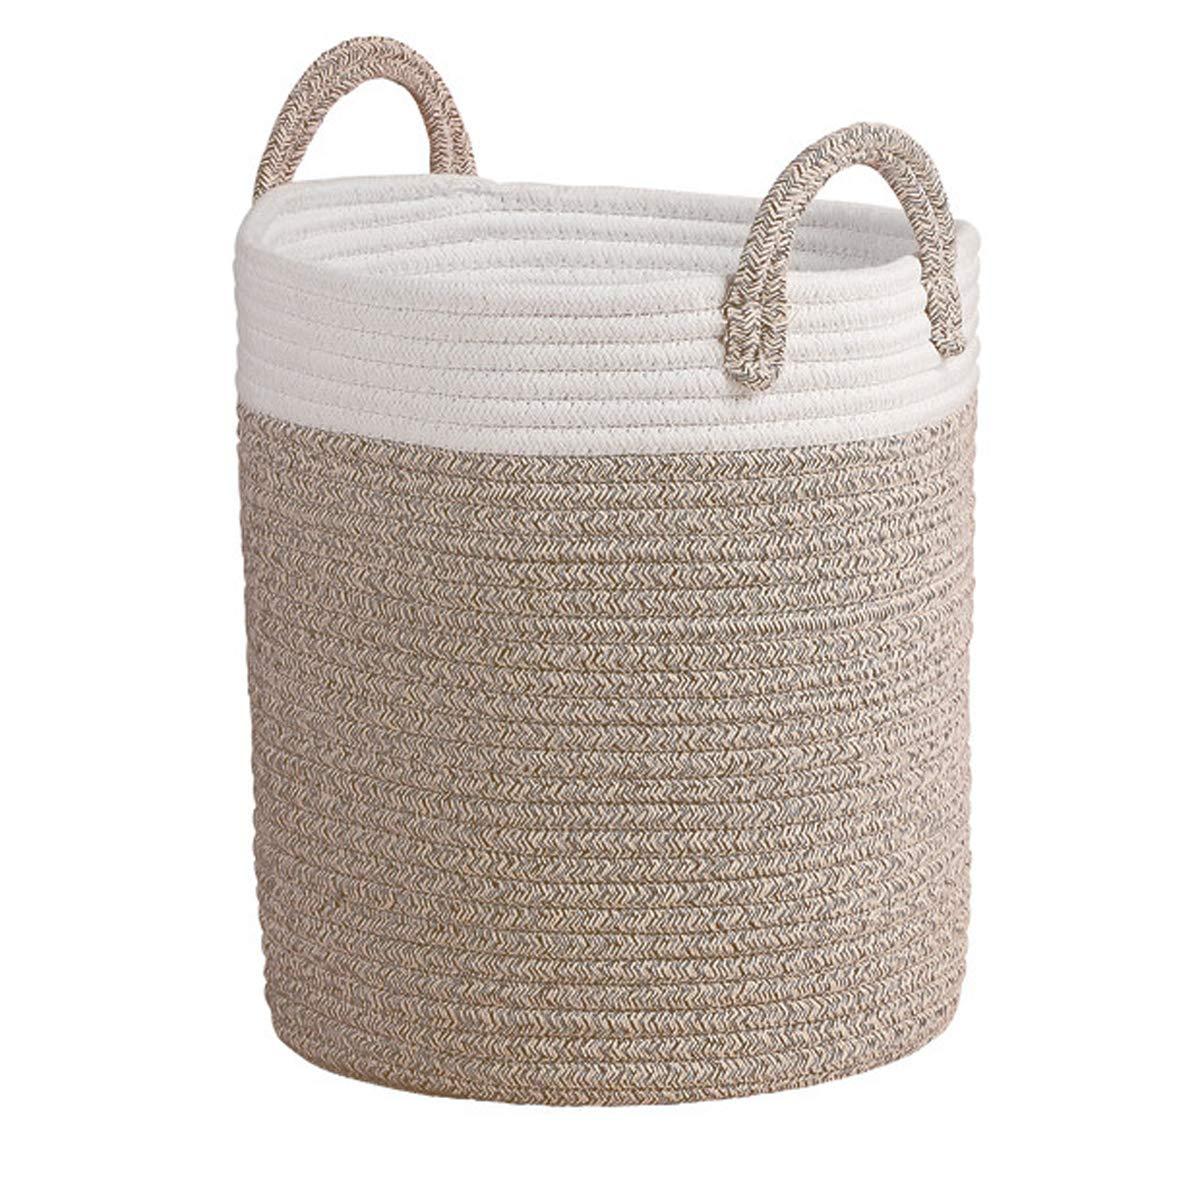 Aufbewahrungskorb Wäschekorb aus Baumwolle Seil, H38 x D32cm Stabil und Haltbar, Für Wohnzimmer Kinderzimmer Badzimmer LA JOLIE MUSE